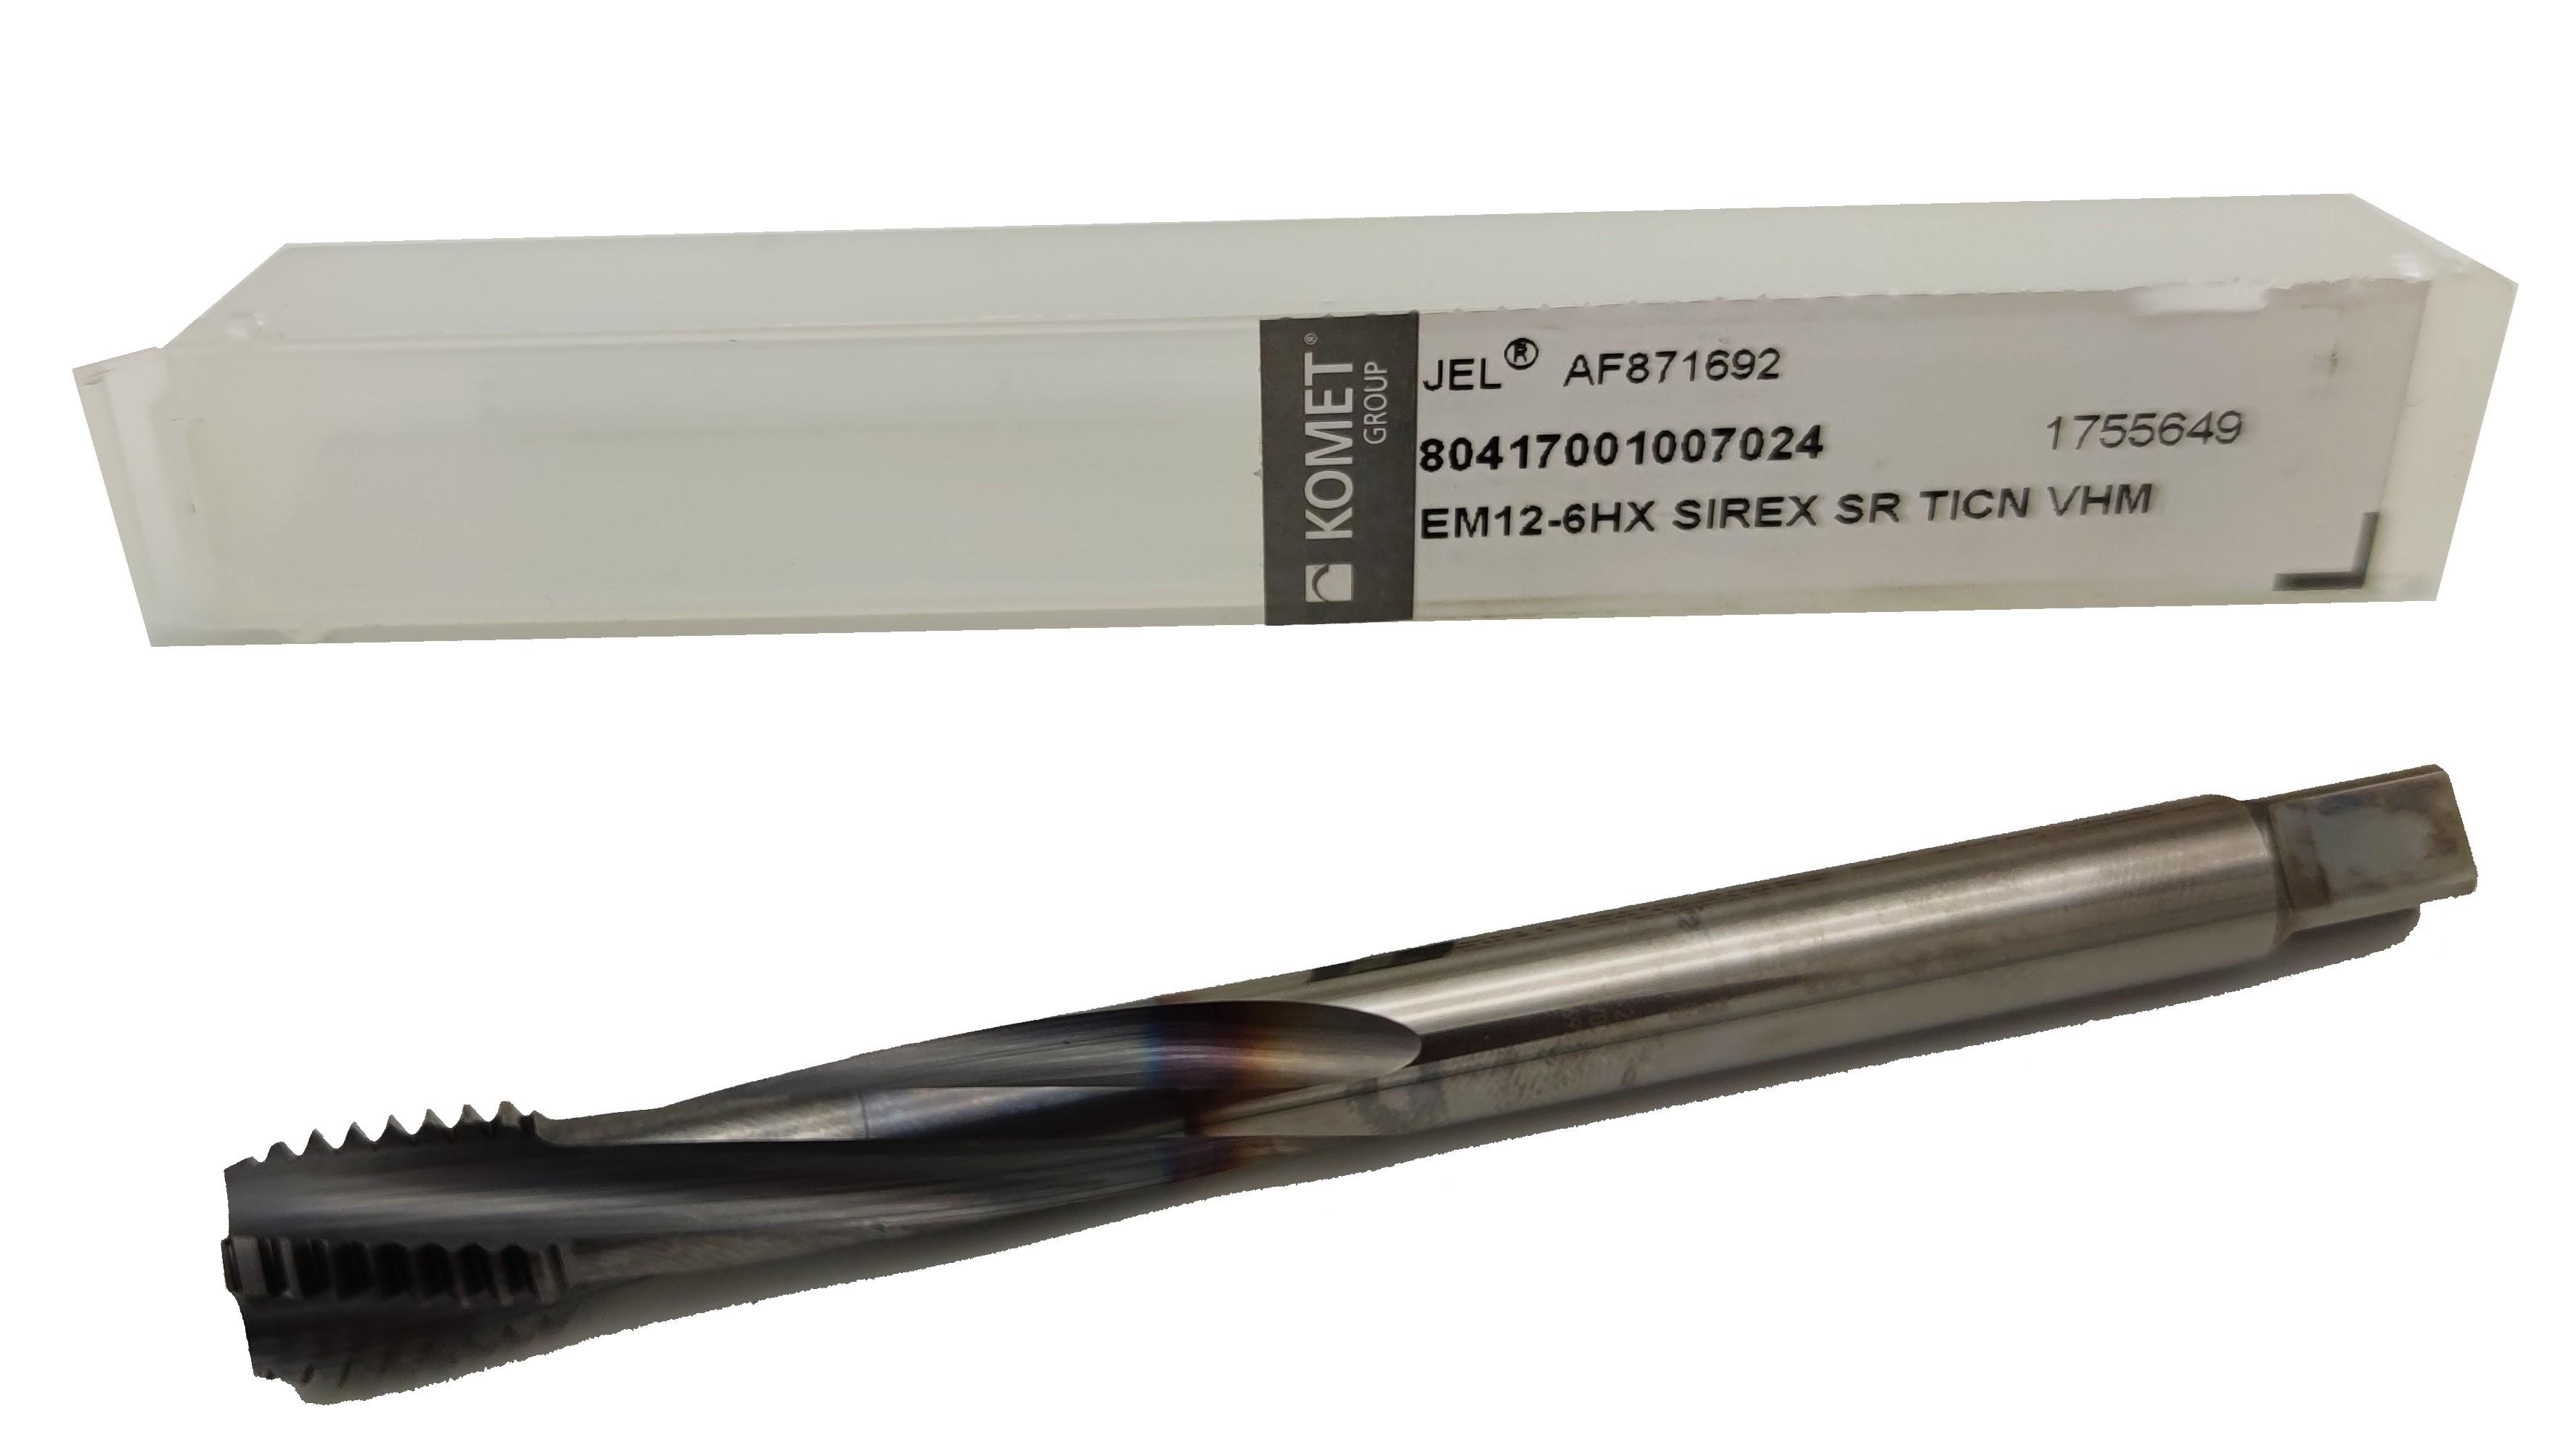 VHM Gewindebohrer M16 - 6HX TiCN - Metrisches Regelgewinde